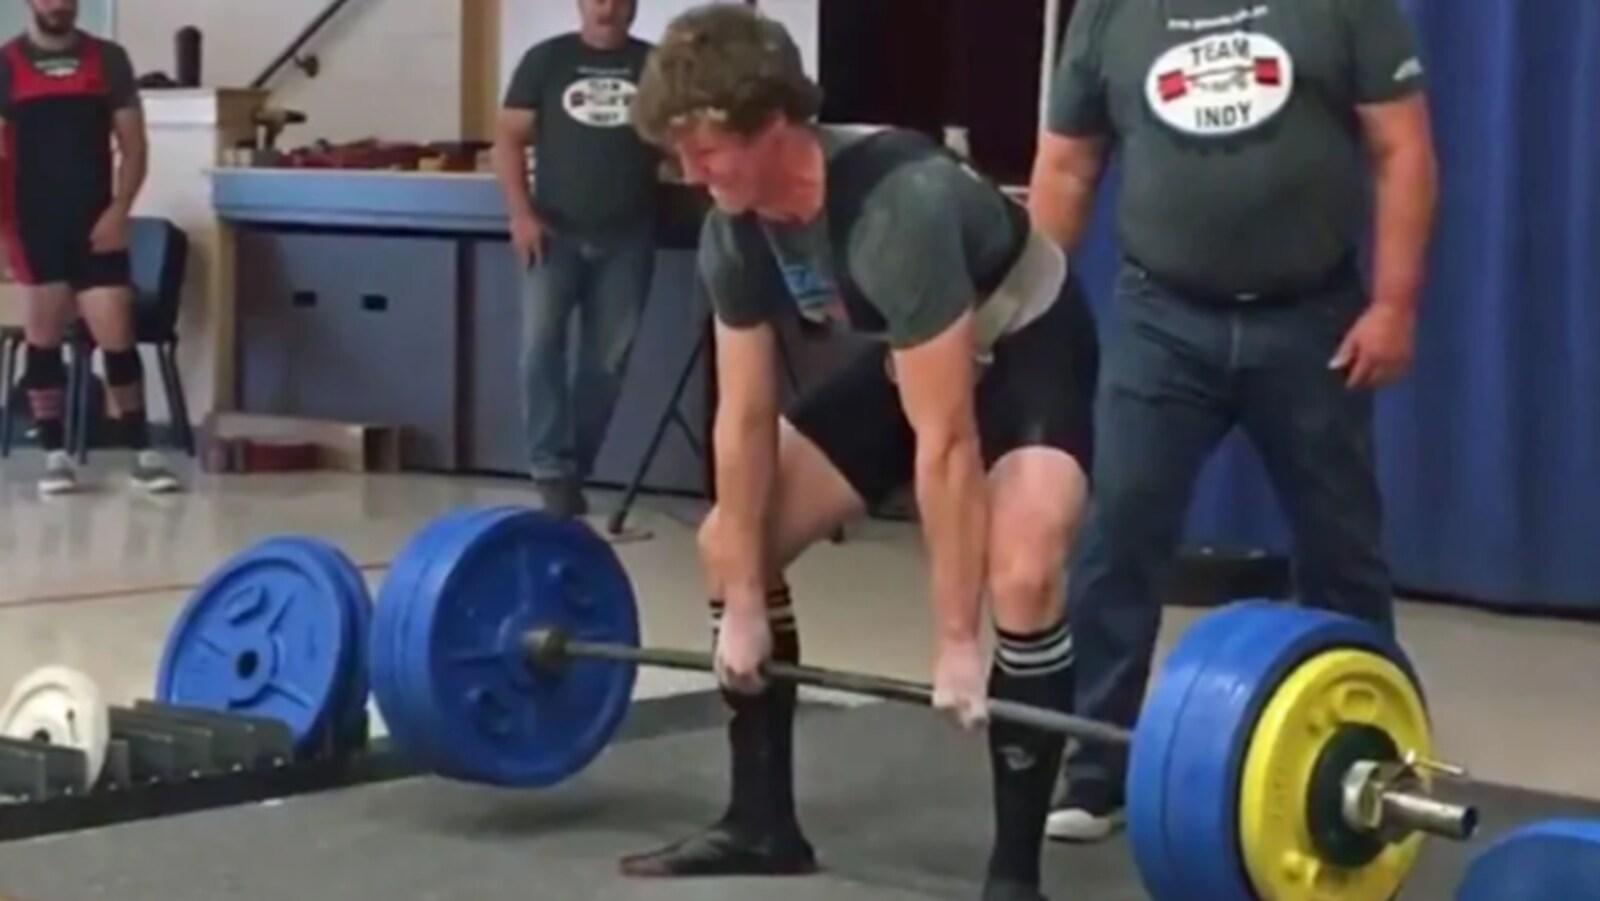 Noah Manning est en train de soulever une barre lourde soutenant des poids en position de soulevé de terre.